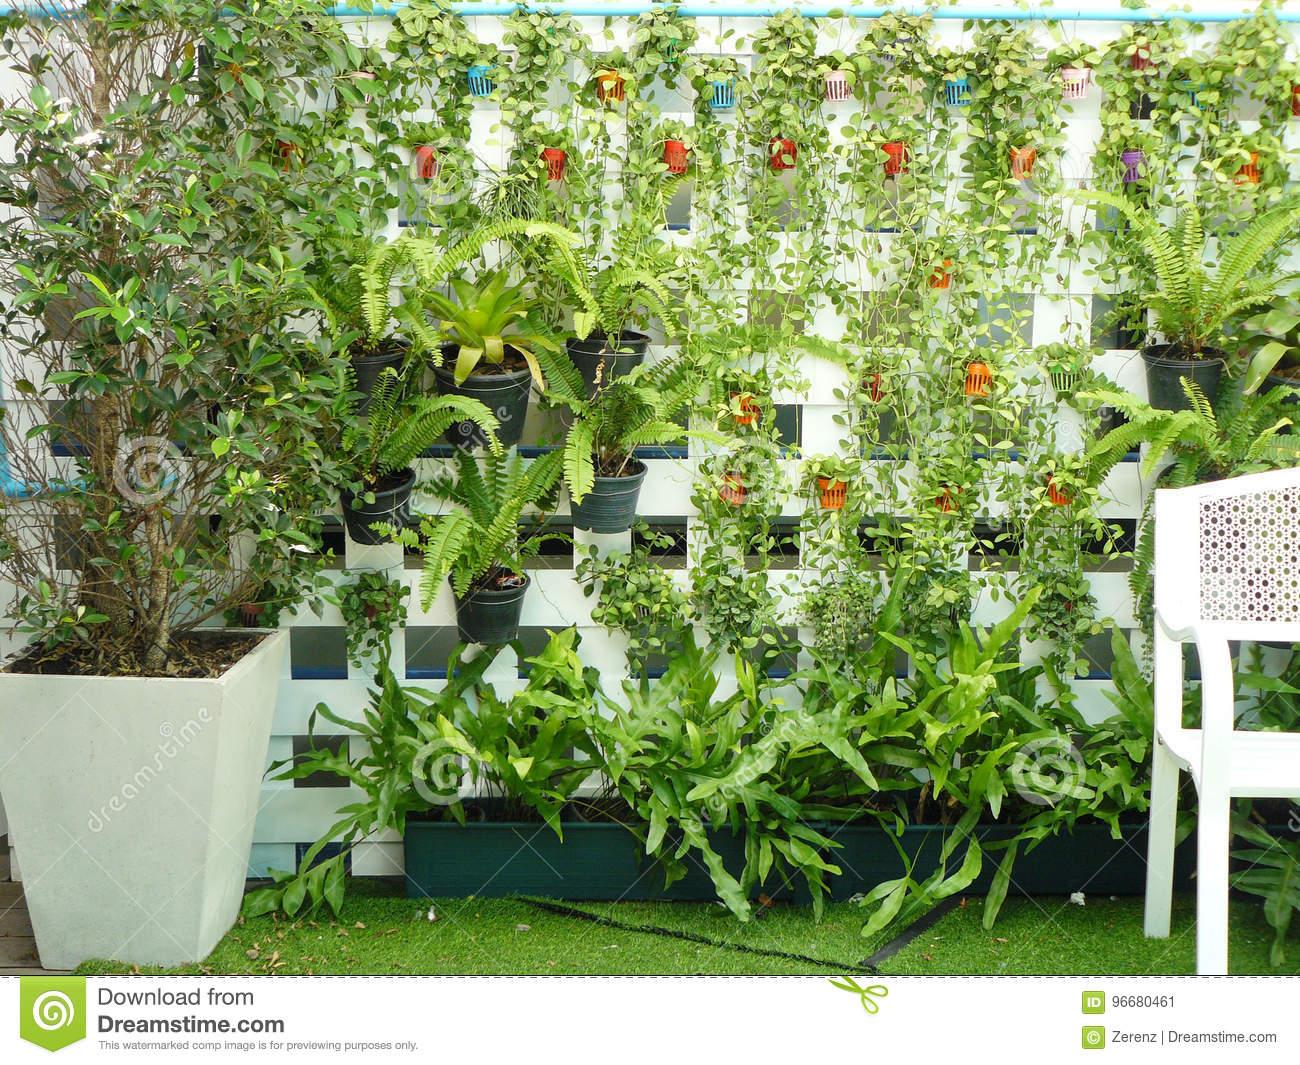 Full Size of Vertikal Garten Vertikaler Stockbild Bild Von Latte Sitzgruppe Led Spot Gartenüberdachung Relaxsessel Bewässerung Automatisch Holztisch Pavillion Garten Vertikal Garten